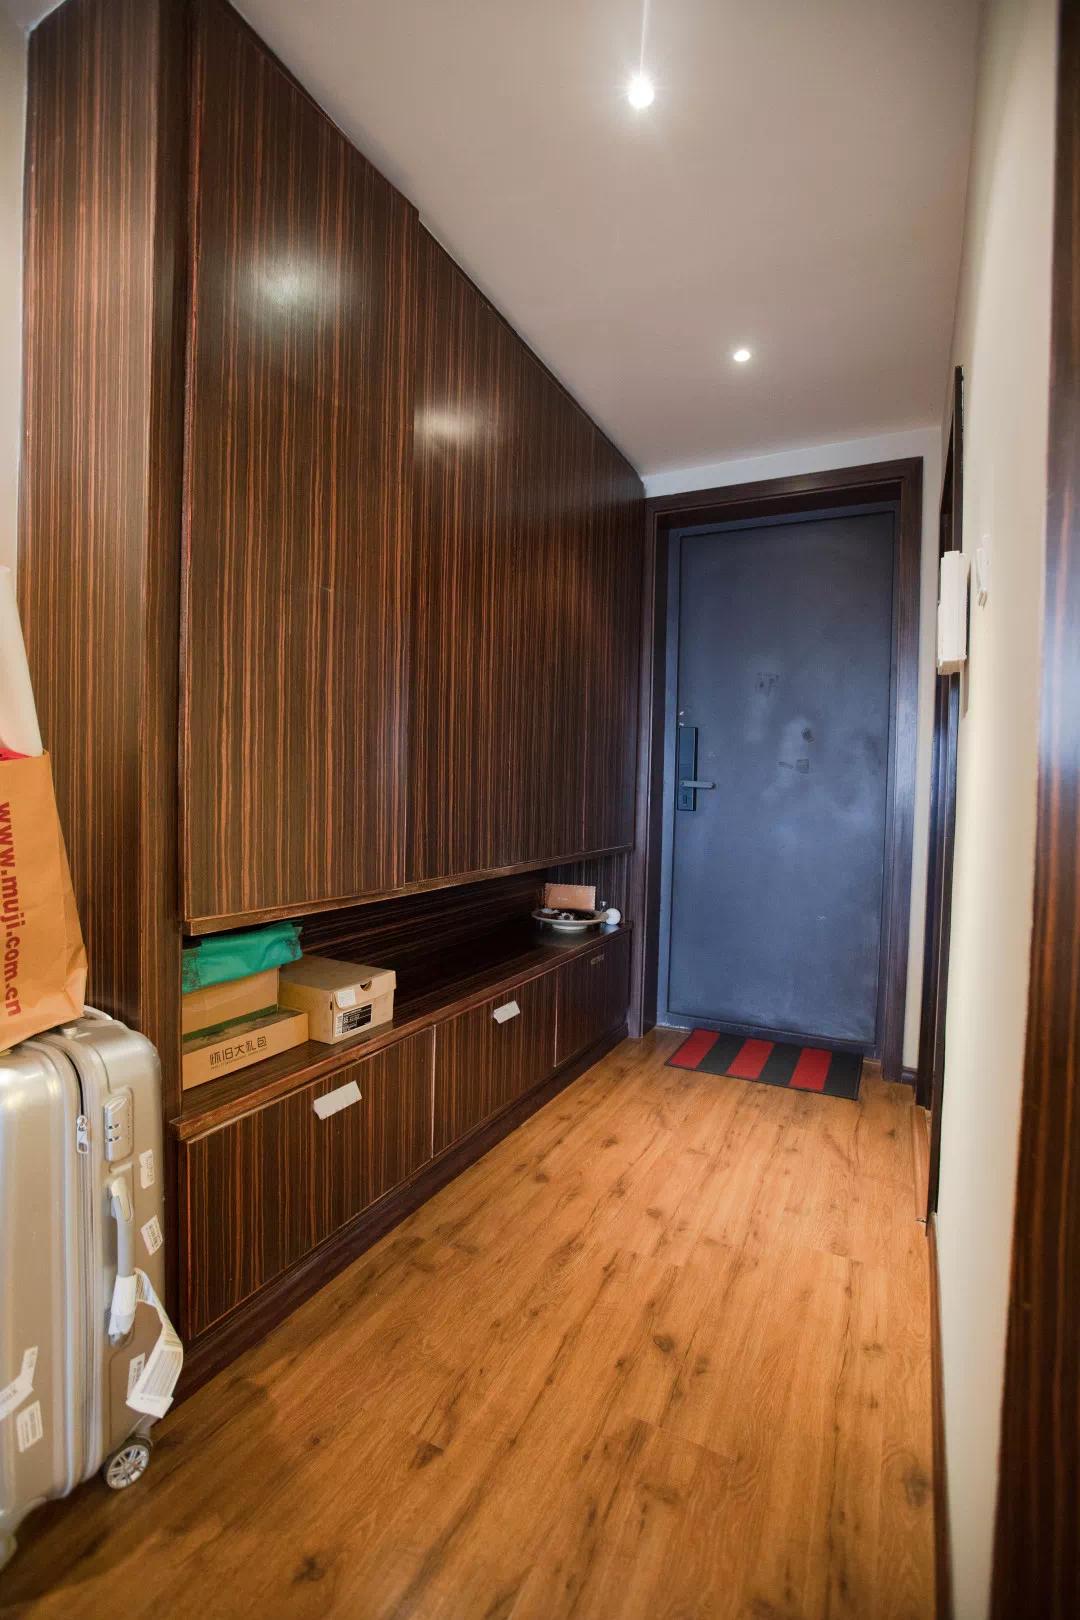 设计师的家如此装修:抛掉华而不实,追求最符合核心的需求 设计师 装修 第5张